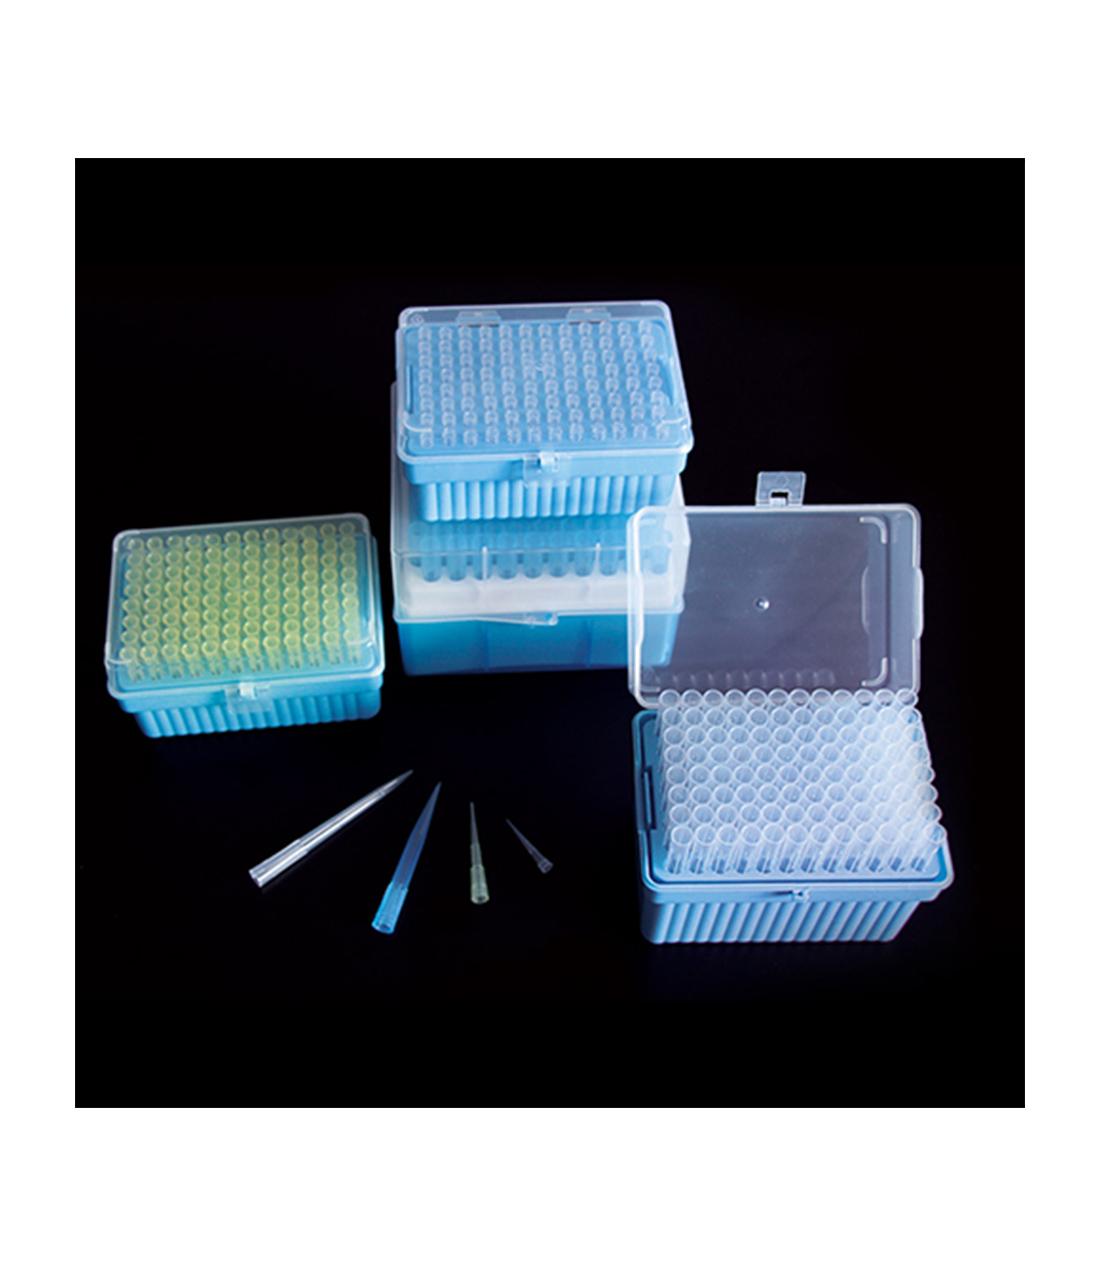 PONTEIRAS PARA MICROPIPETA COM RACK   1000 MICROLITROS - Biologix - Cód. 21-1000